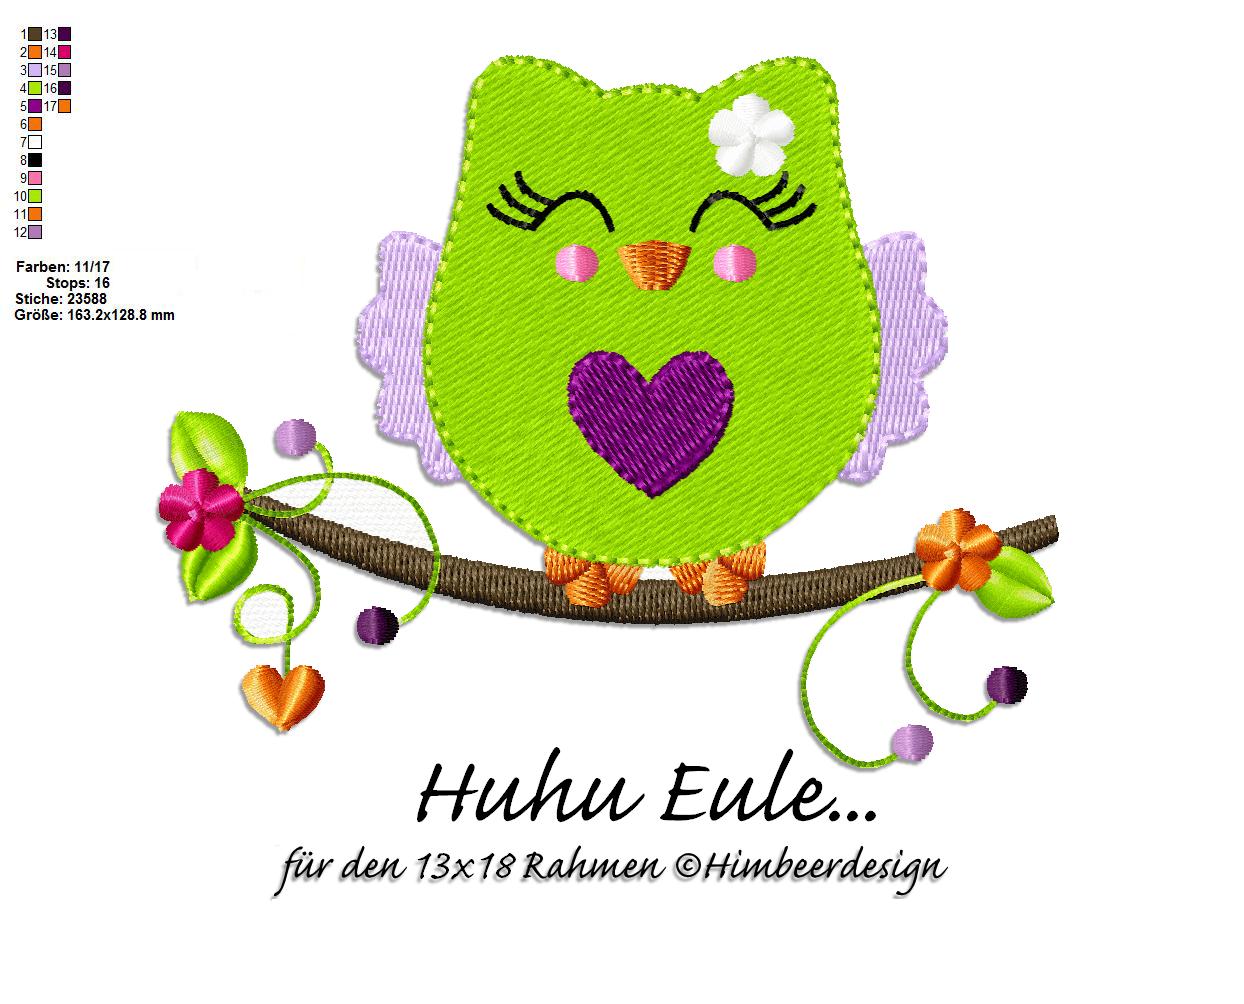 Eule Huhu 13 x 18 Rahmen